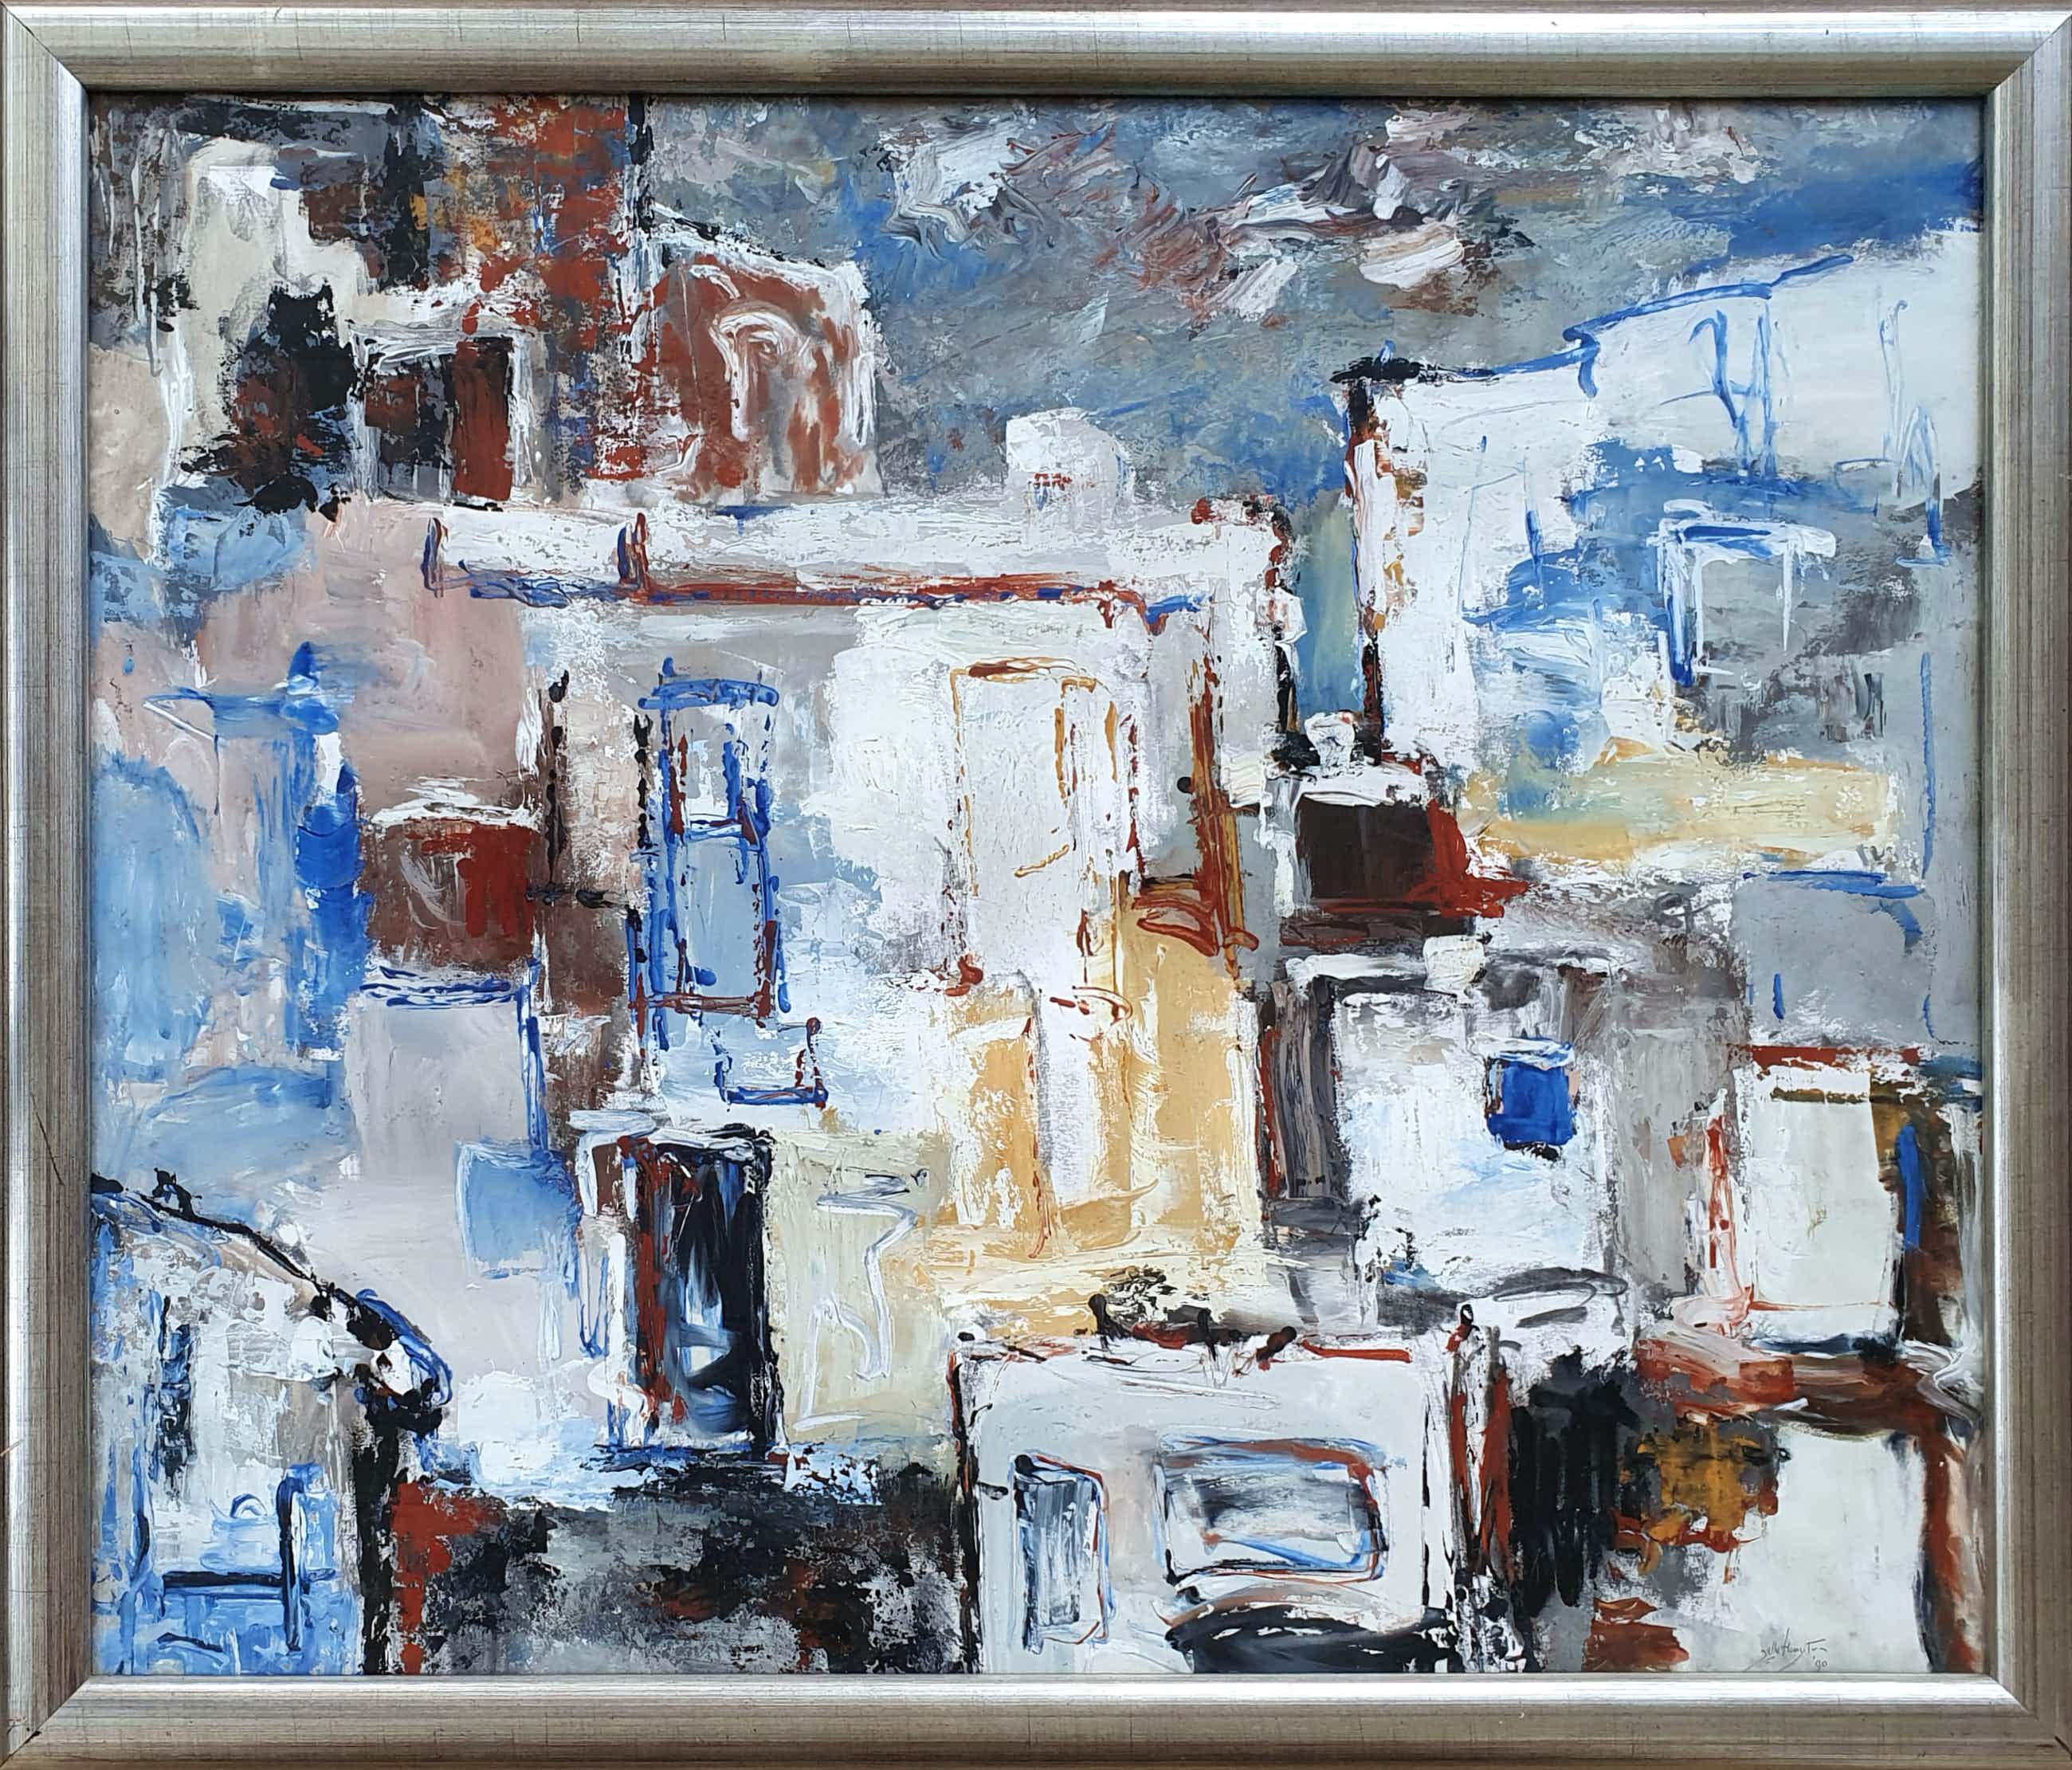 Jelle Hoogstra - Jelle Hoogstra - Abstracte compositie, unica (mooi ingelijst) kopen? Bied vanaf 95!